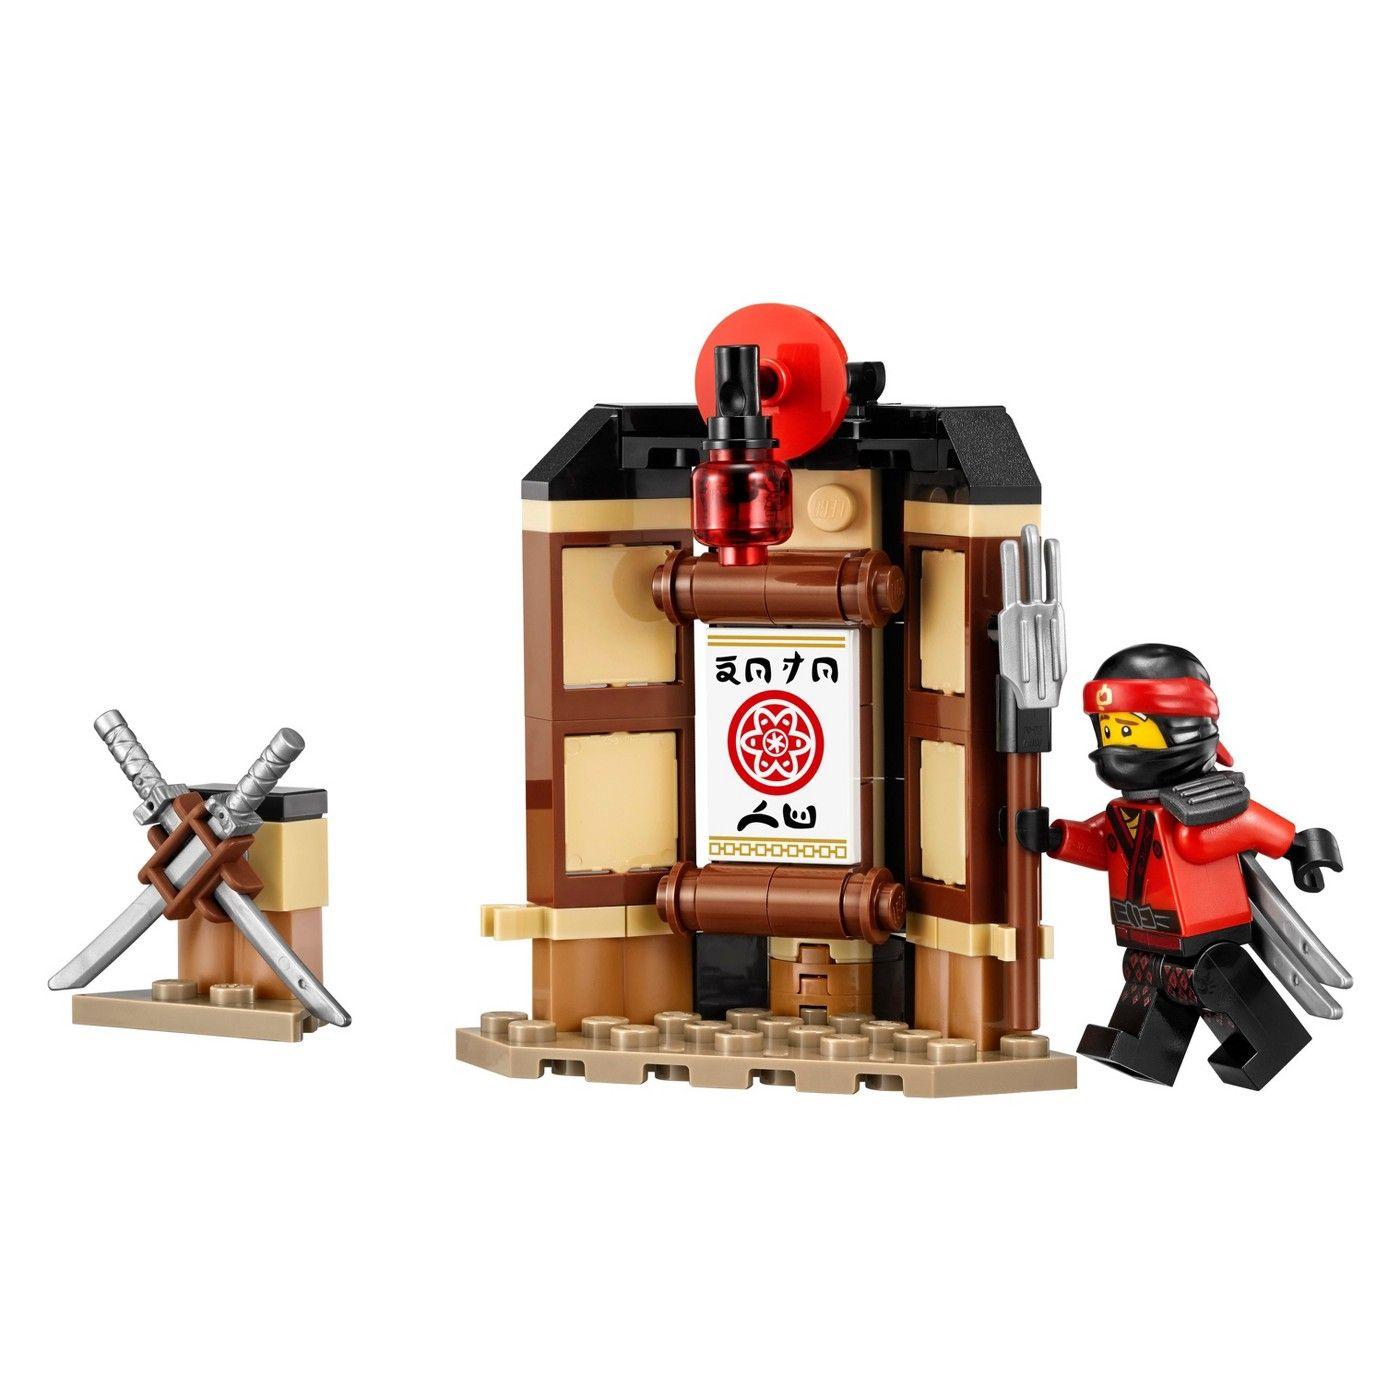 LEGOÂ Ninjago Spinjitzu Training Ninjago LEGO Spinjitzu